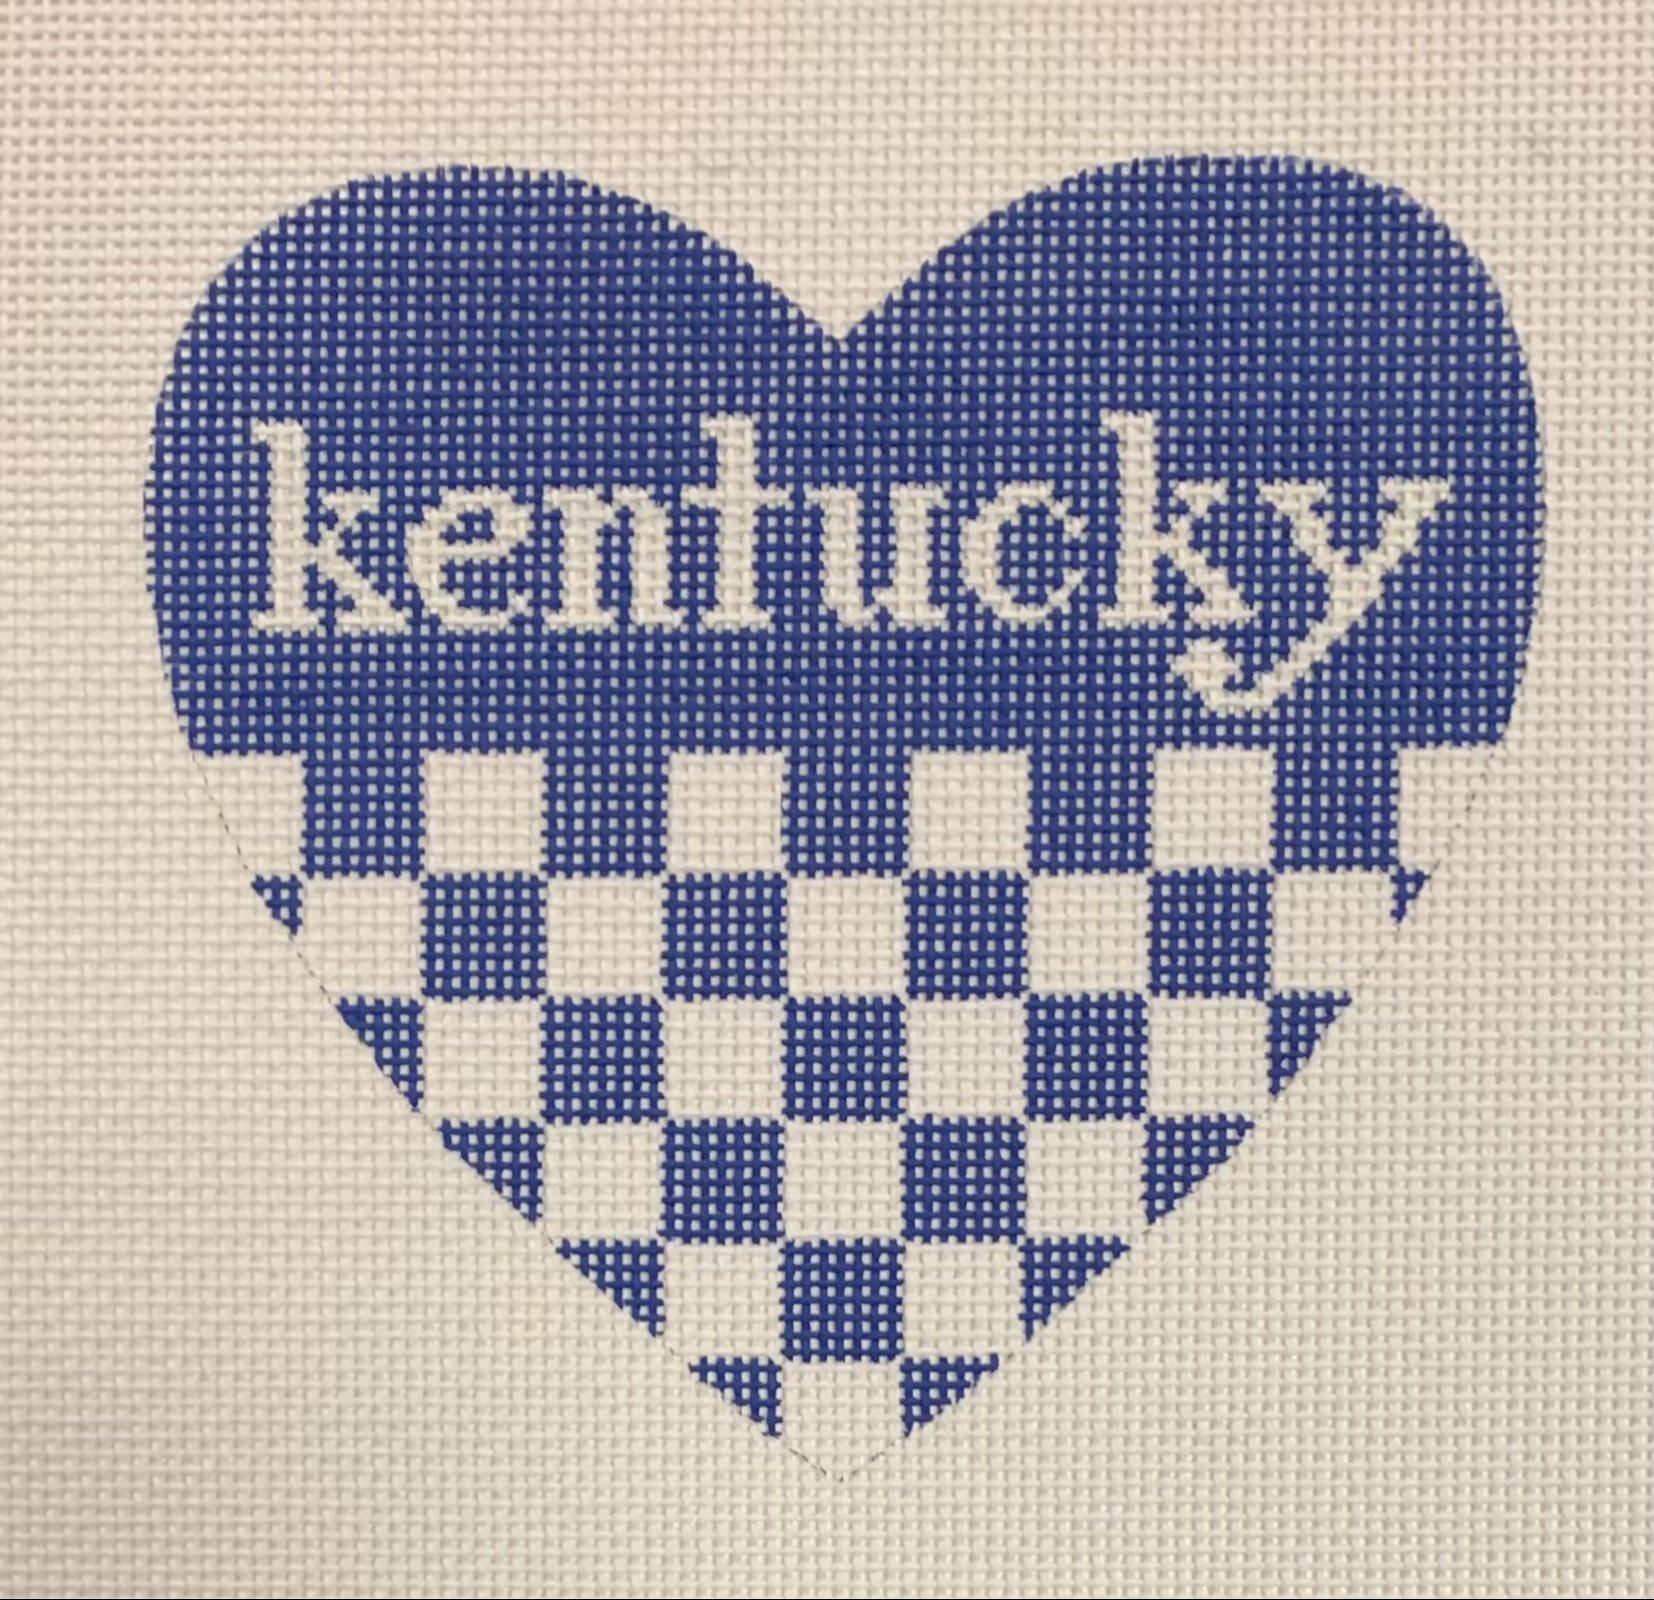 Kentucky Heart